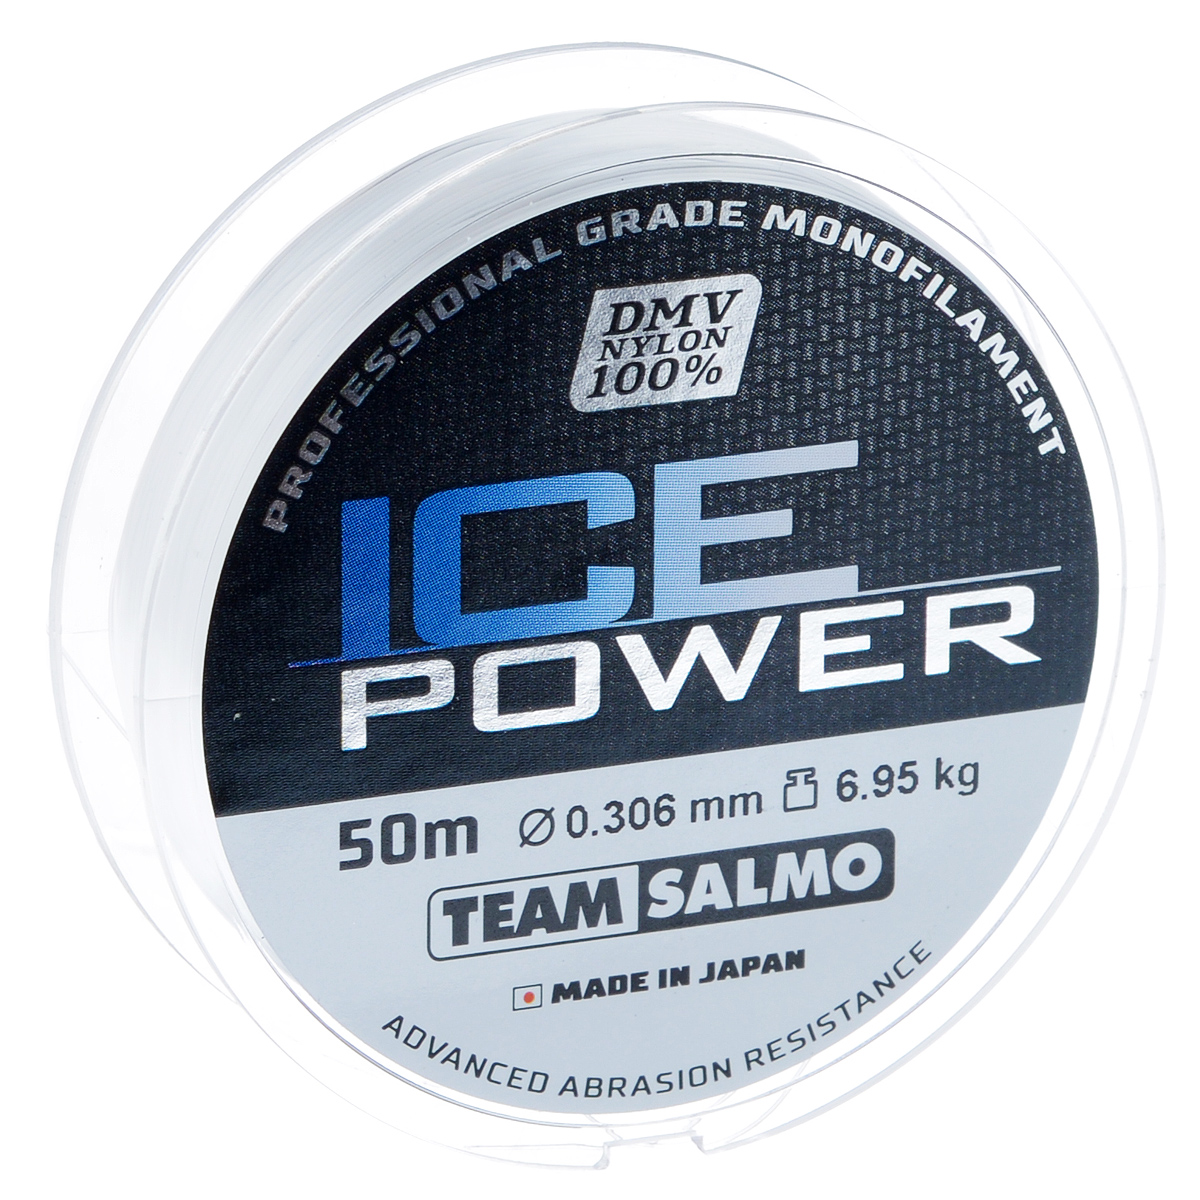 Леска монофильная Team Salmo Ice Power, сечение 0,306 мм, длина 50 мTS4924-030Team Salmo Ice Power - это леска последнего поколения, идеально калиброванная по всей длине, с точностью, определяемой до третьего знака. Материал, из которого изготовлена леска, обладает повышенной абразивной устойчивостью и не взаимодействует с водой, поэтому на морозе не теряет своих физических свойств, что значительно увеличивает срок ее службы. У лески отсутствует память, поэтому в процессе эксплуатации она не деформируется. Низкий коэффициент растяжимости делает леску максимально чувствительной, при этом она практически незаметна для рыбы. Леска производится использованием самого высококачественного сырья и новейших технологий.